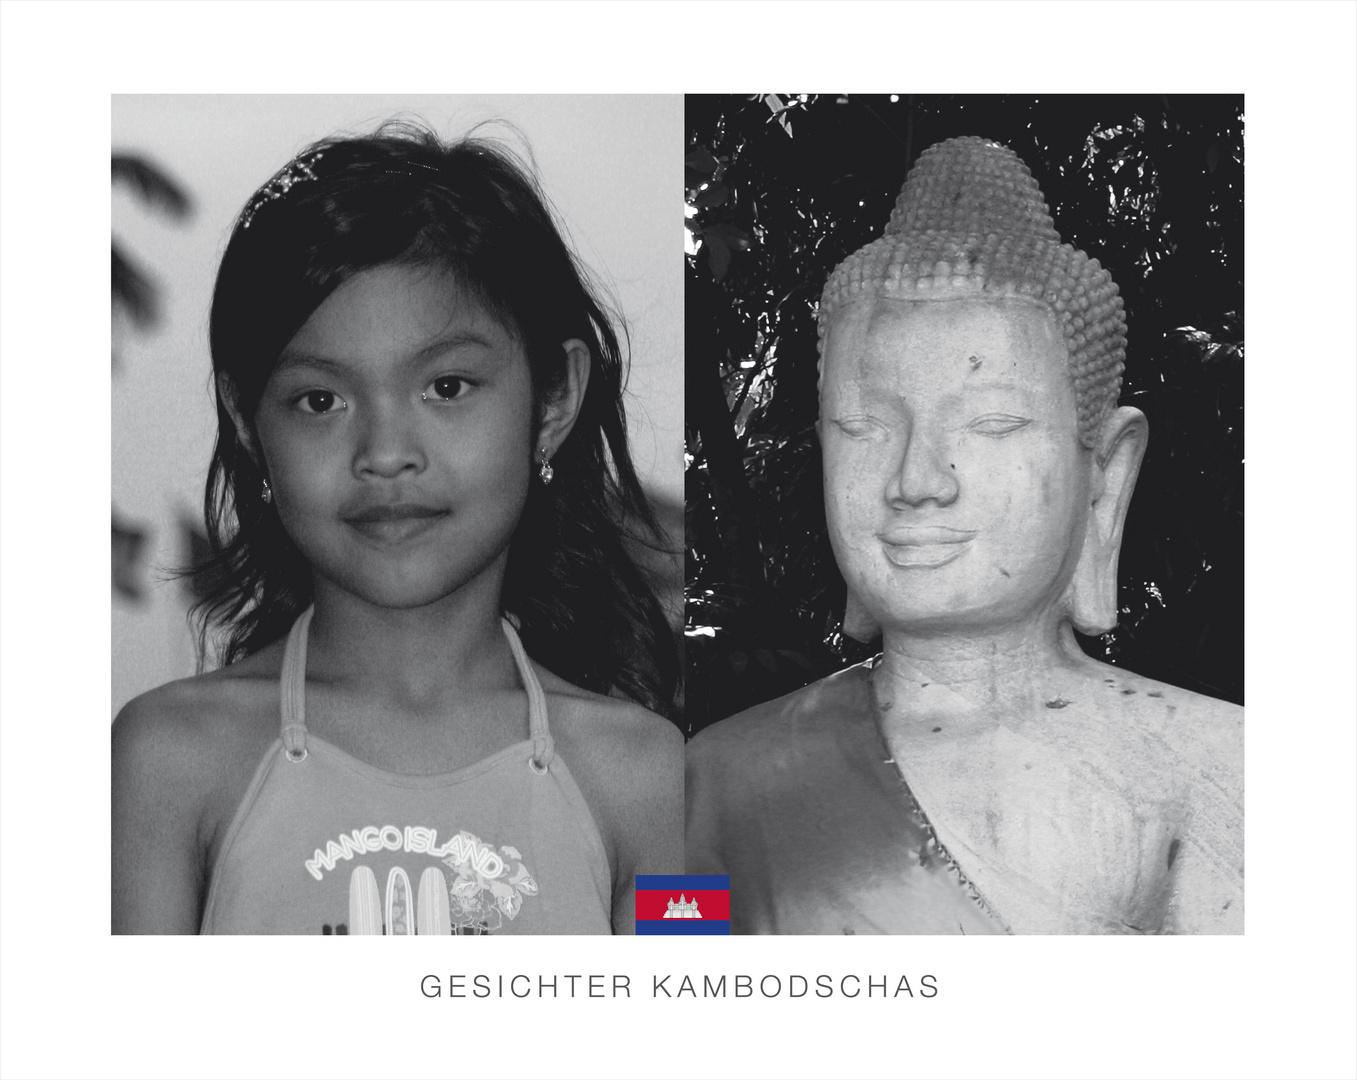 Gesichter Kambodschas